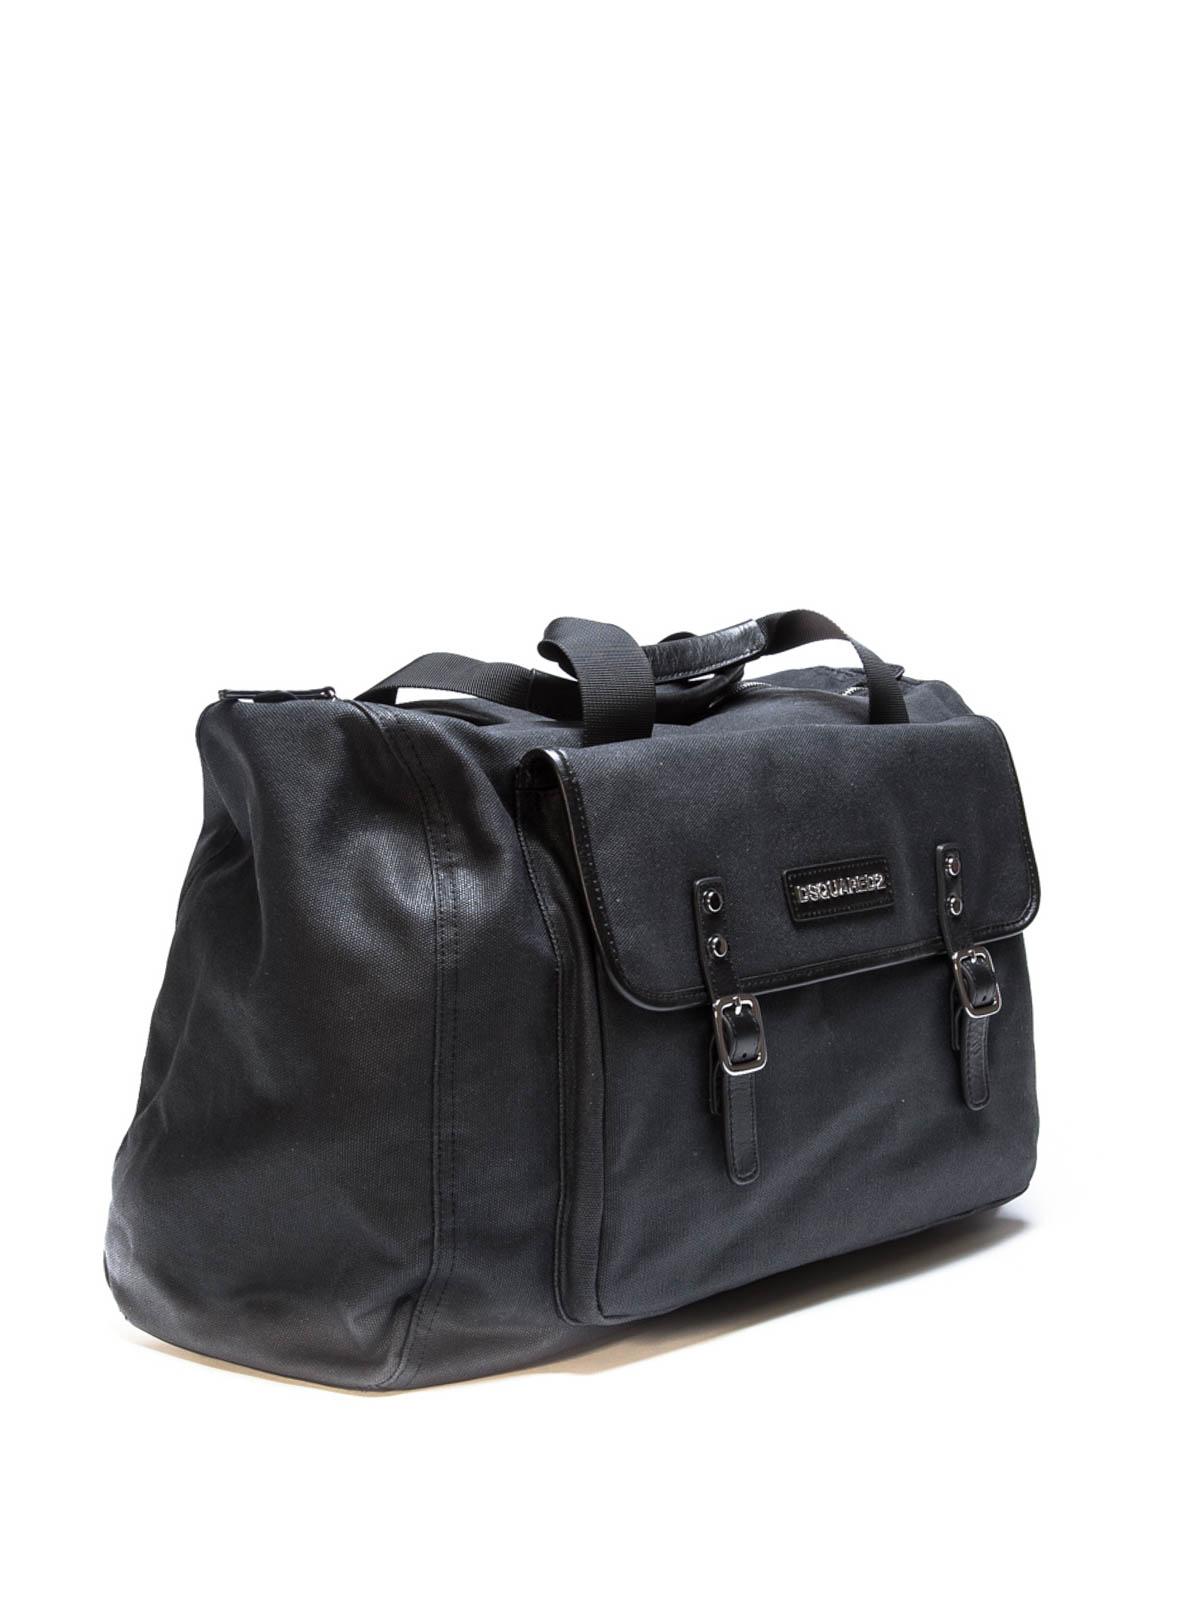 5de5c4634f73 Dsquared2 - Robert duffel bag - sport bags - DF4101 117 2124